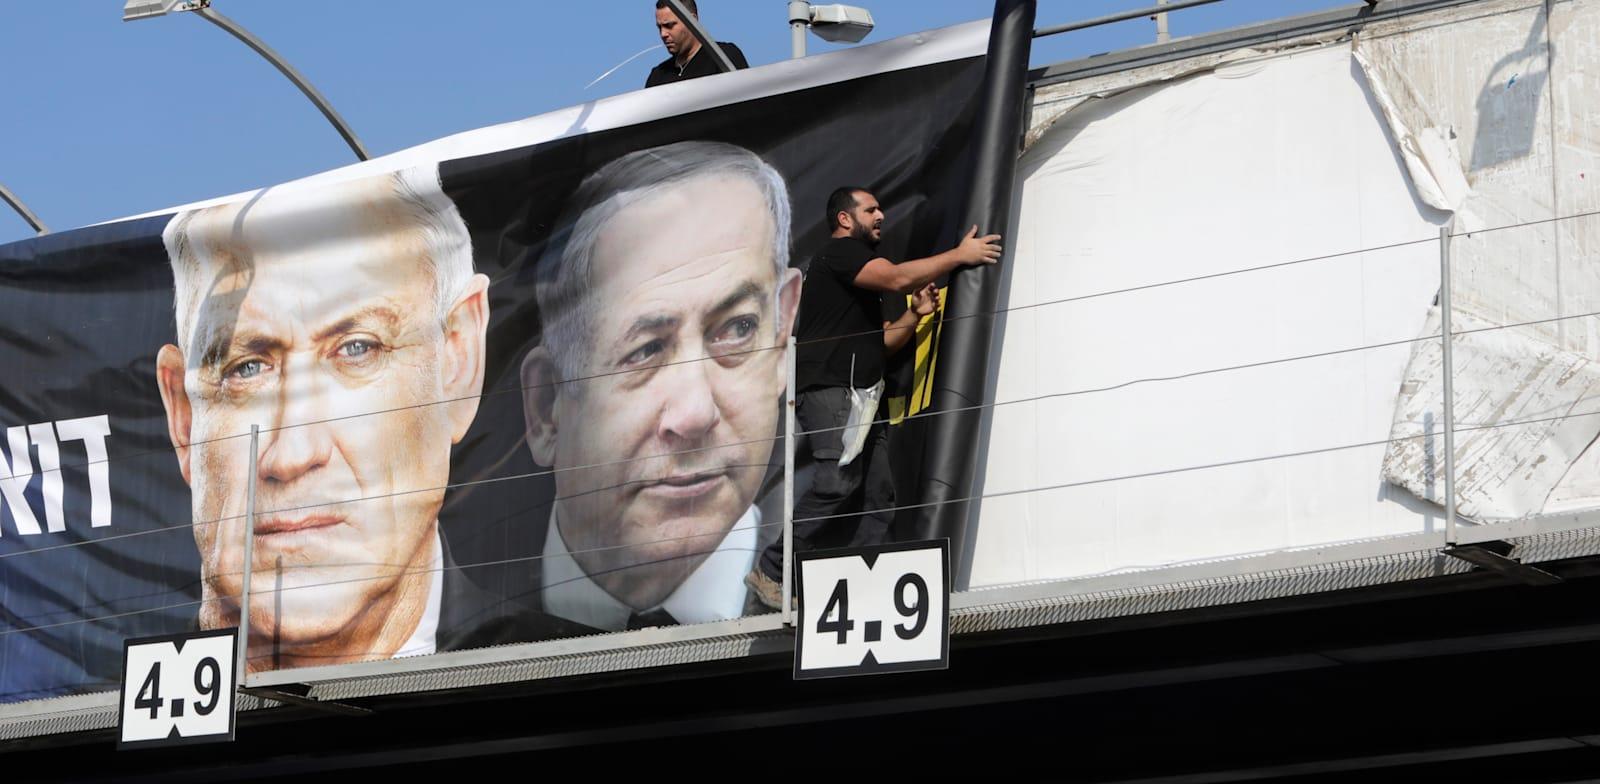 תלייה של שלטי תעמולה בבחירות האחרונות. הופך להיות שגרה / צילום: Associated Press, Sebastian Scheiner